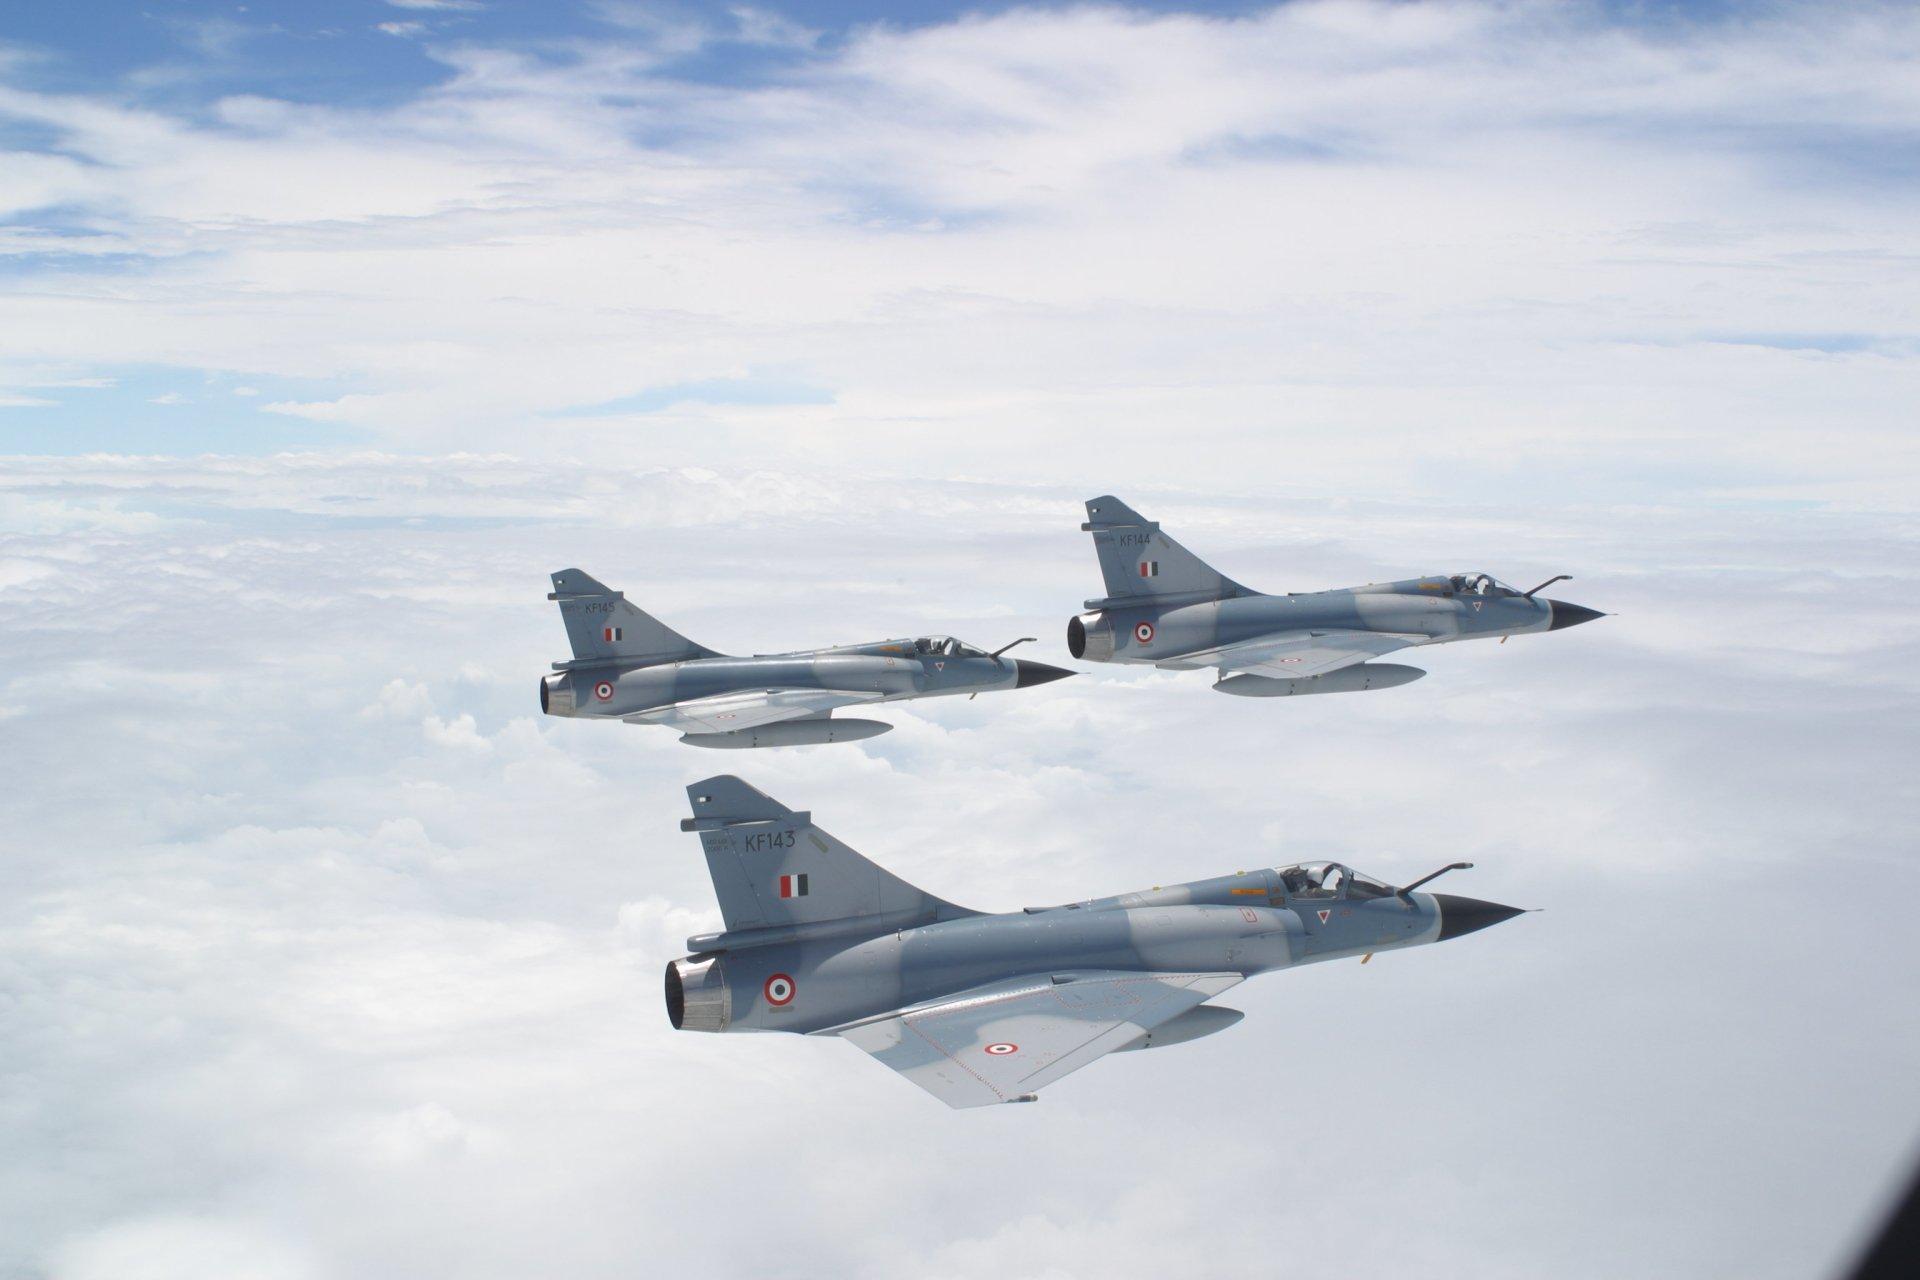 Militär - Dassault Mirage 2000  Bakgrund